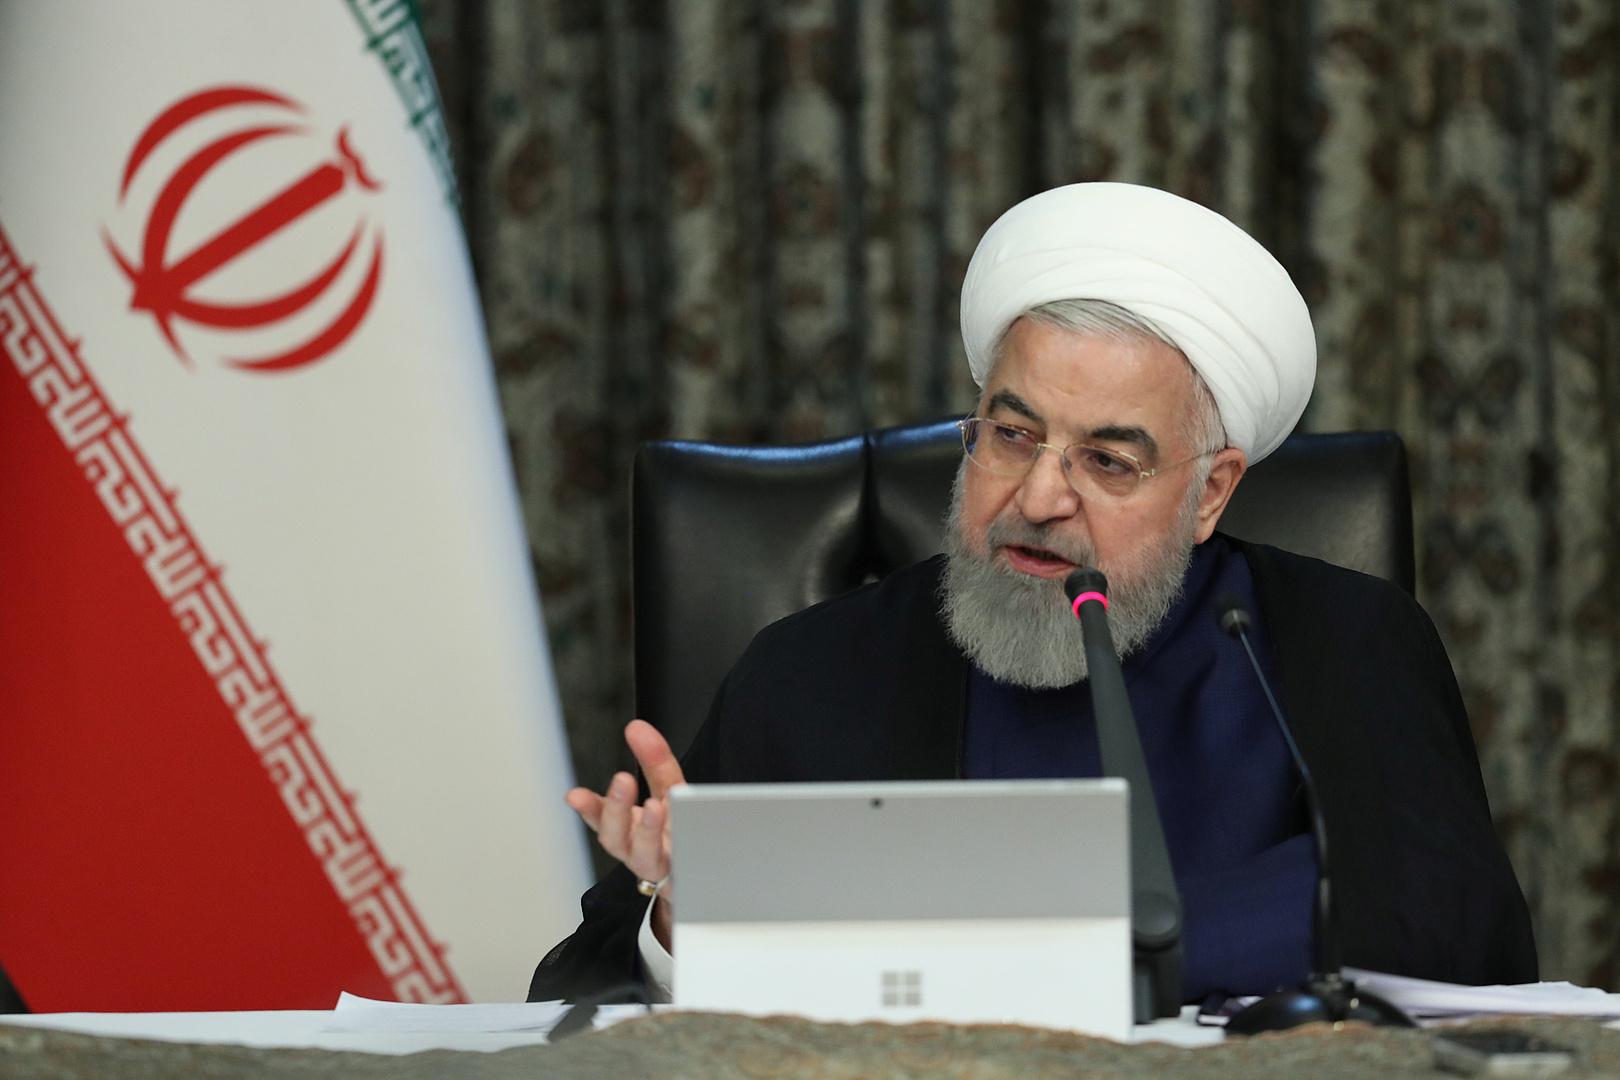 روحاني: الإحصاءات بشأن كورونا تشير إلى تحسن الأوضاع في البلاد